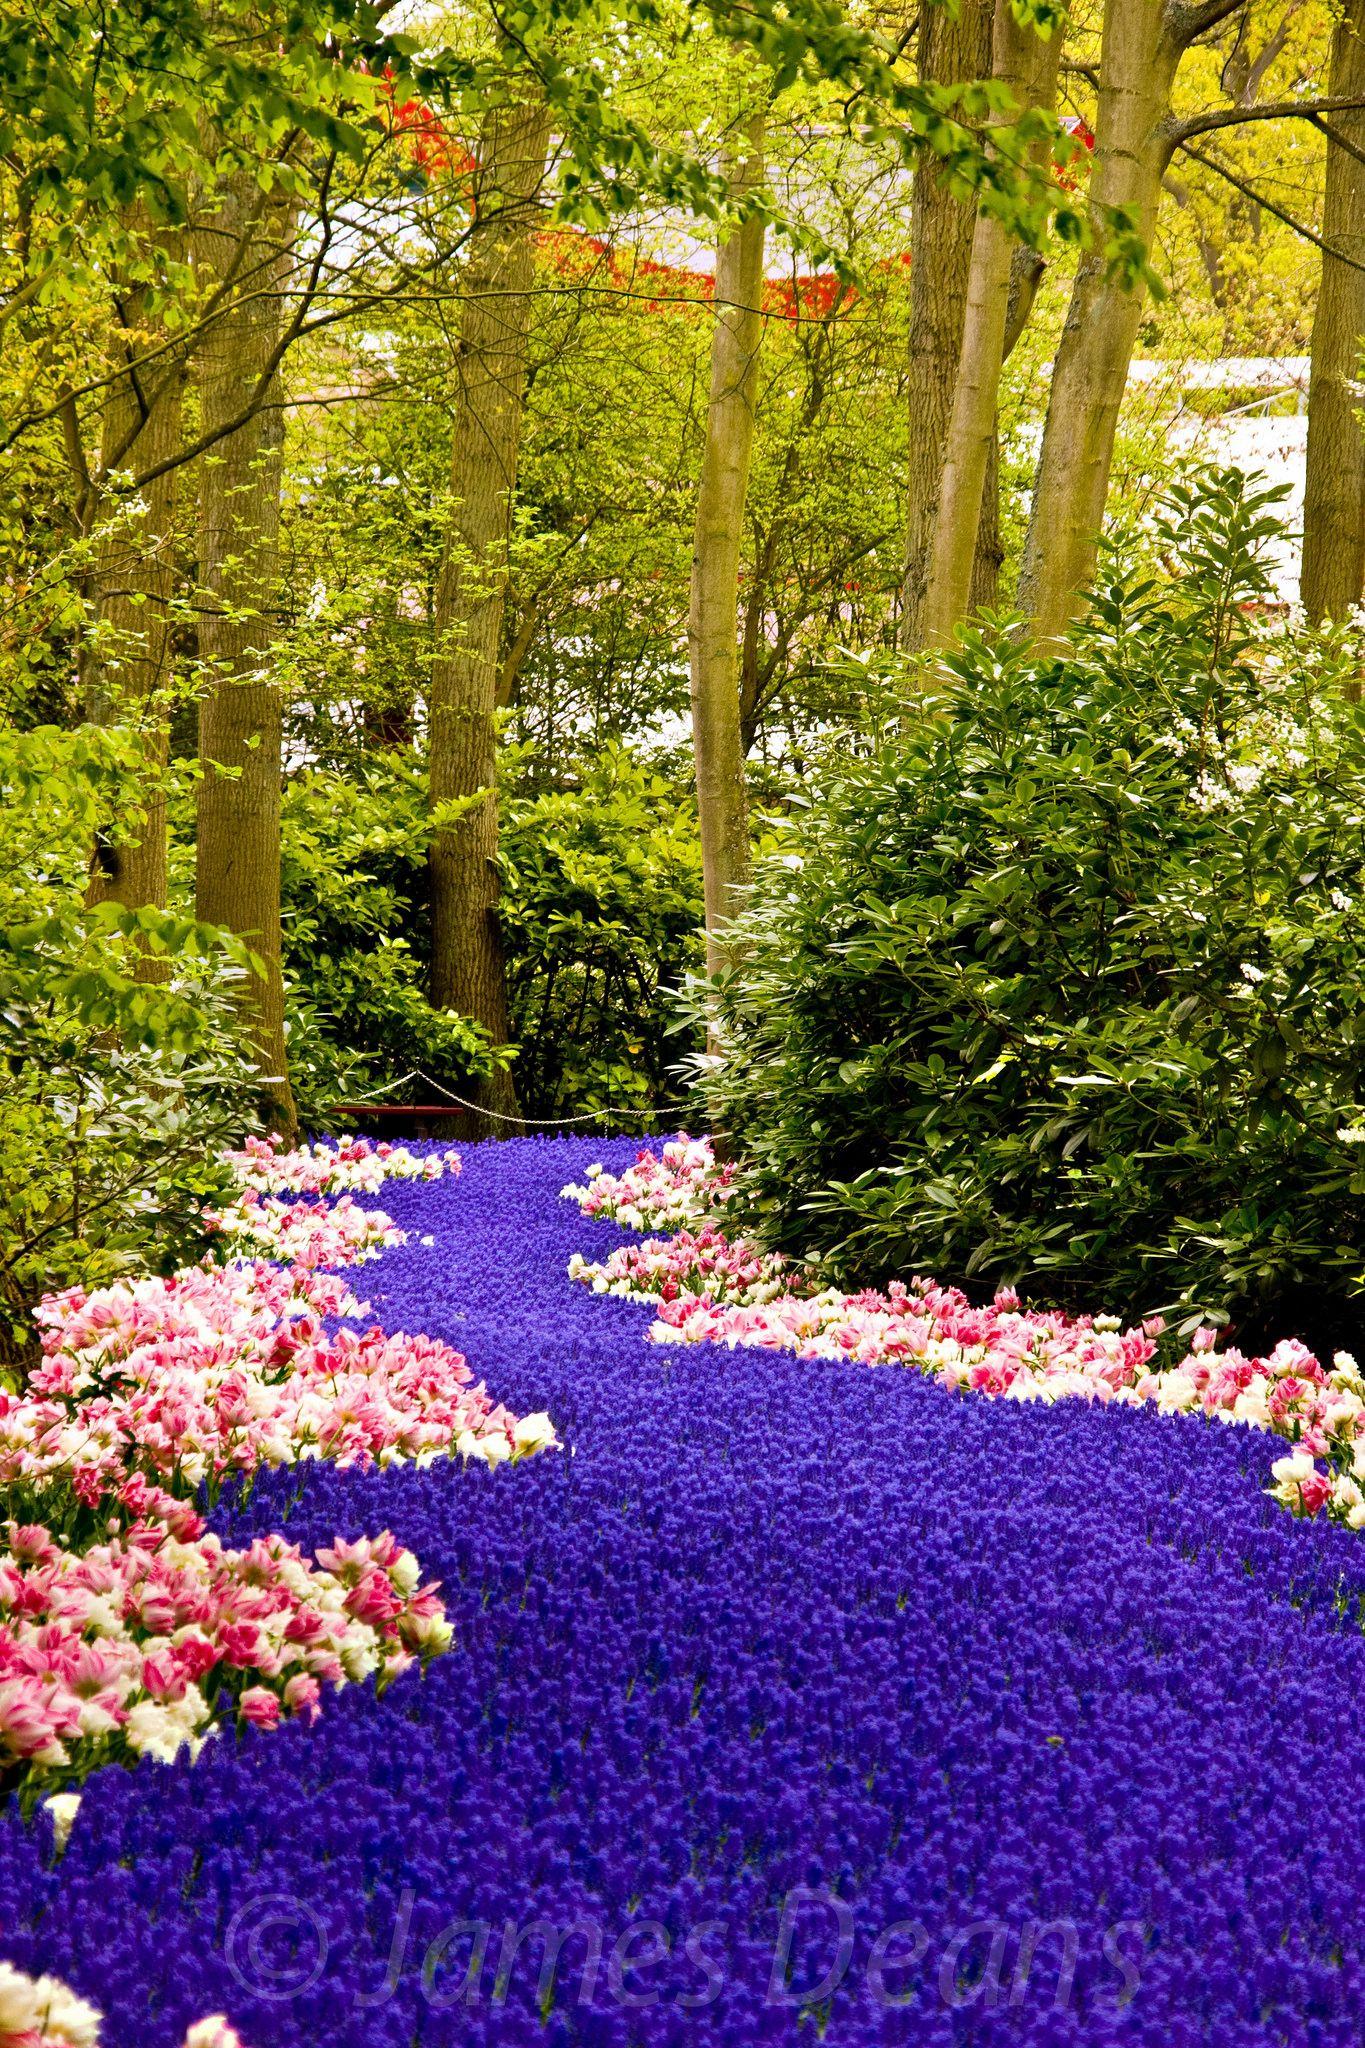 Keukenhof 04 May 2010 (93).jpg Most beautiful gardens